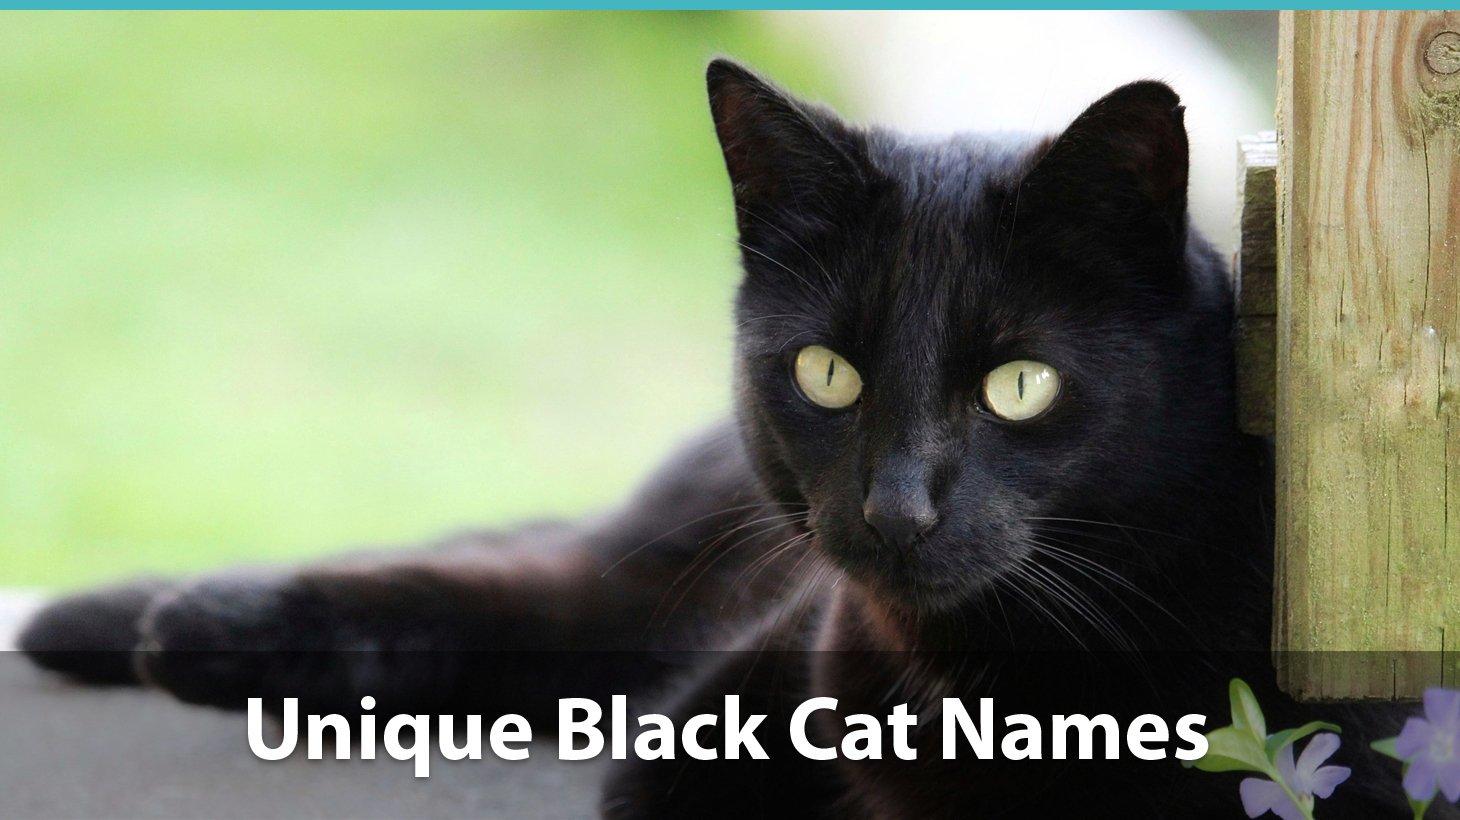 Top 150+ Names For Black Cats: Funny, Unique, Pop-Culture